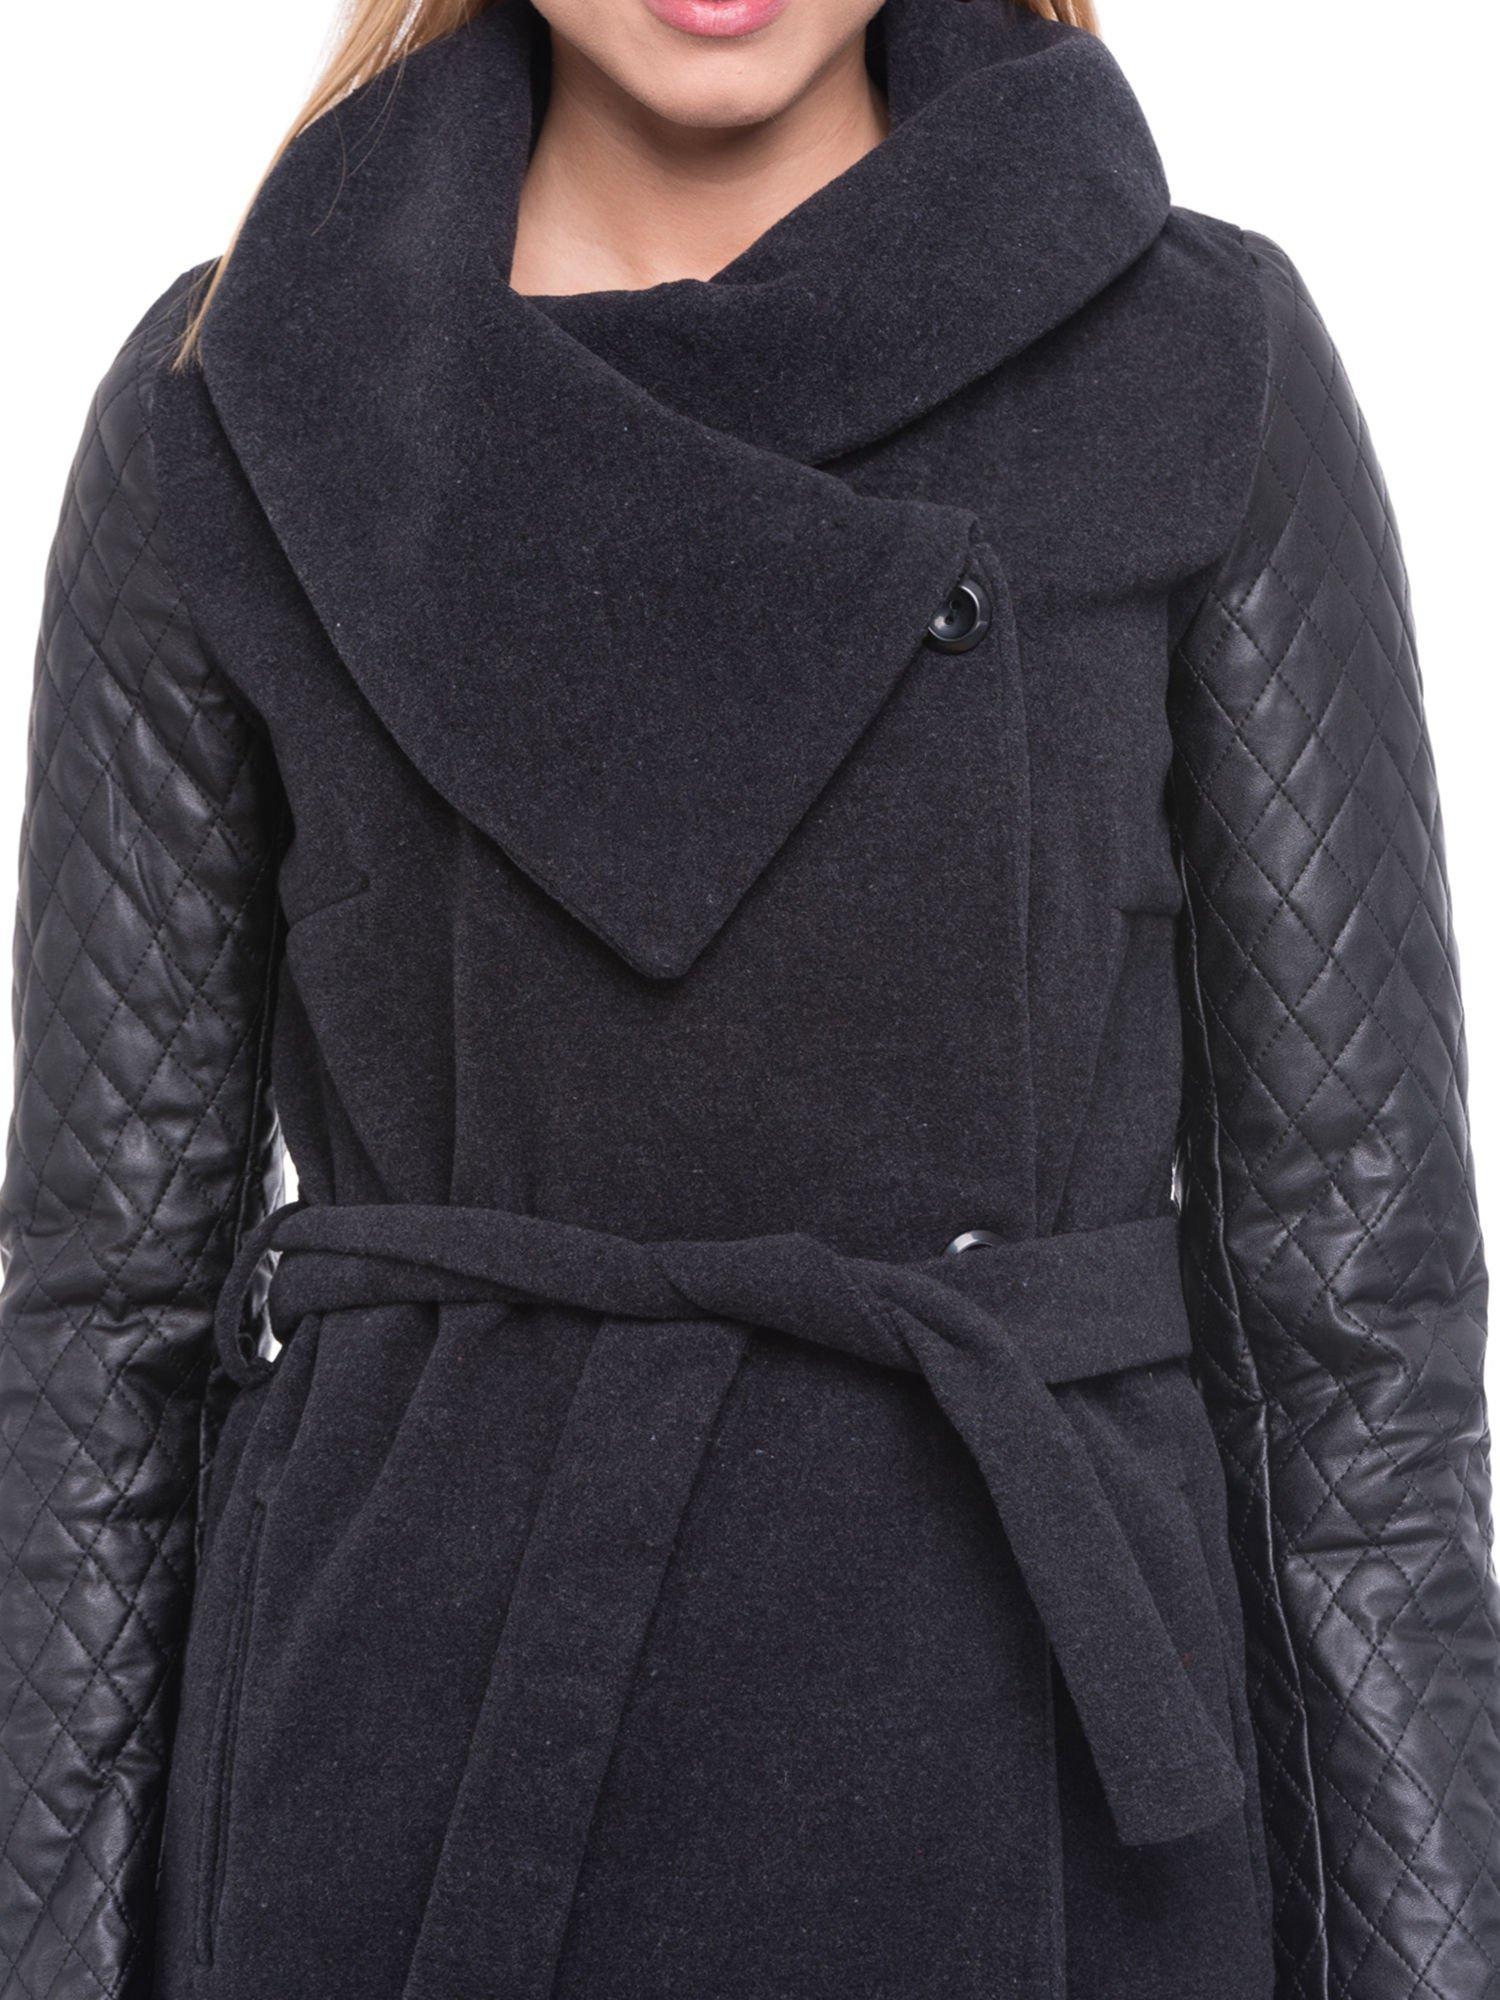 Grafitowy płaszcz ze skórzanymi pikowanymi rękawami                                  zdj.                                  5